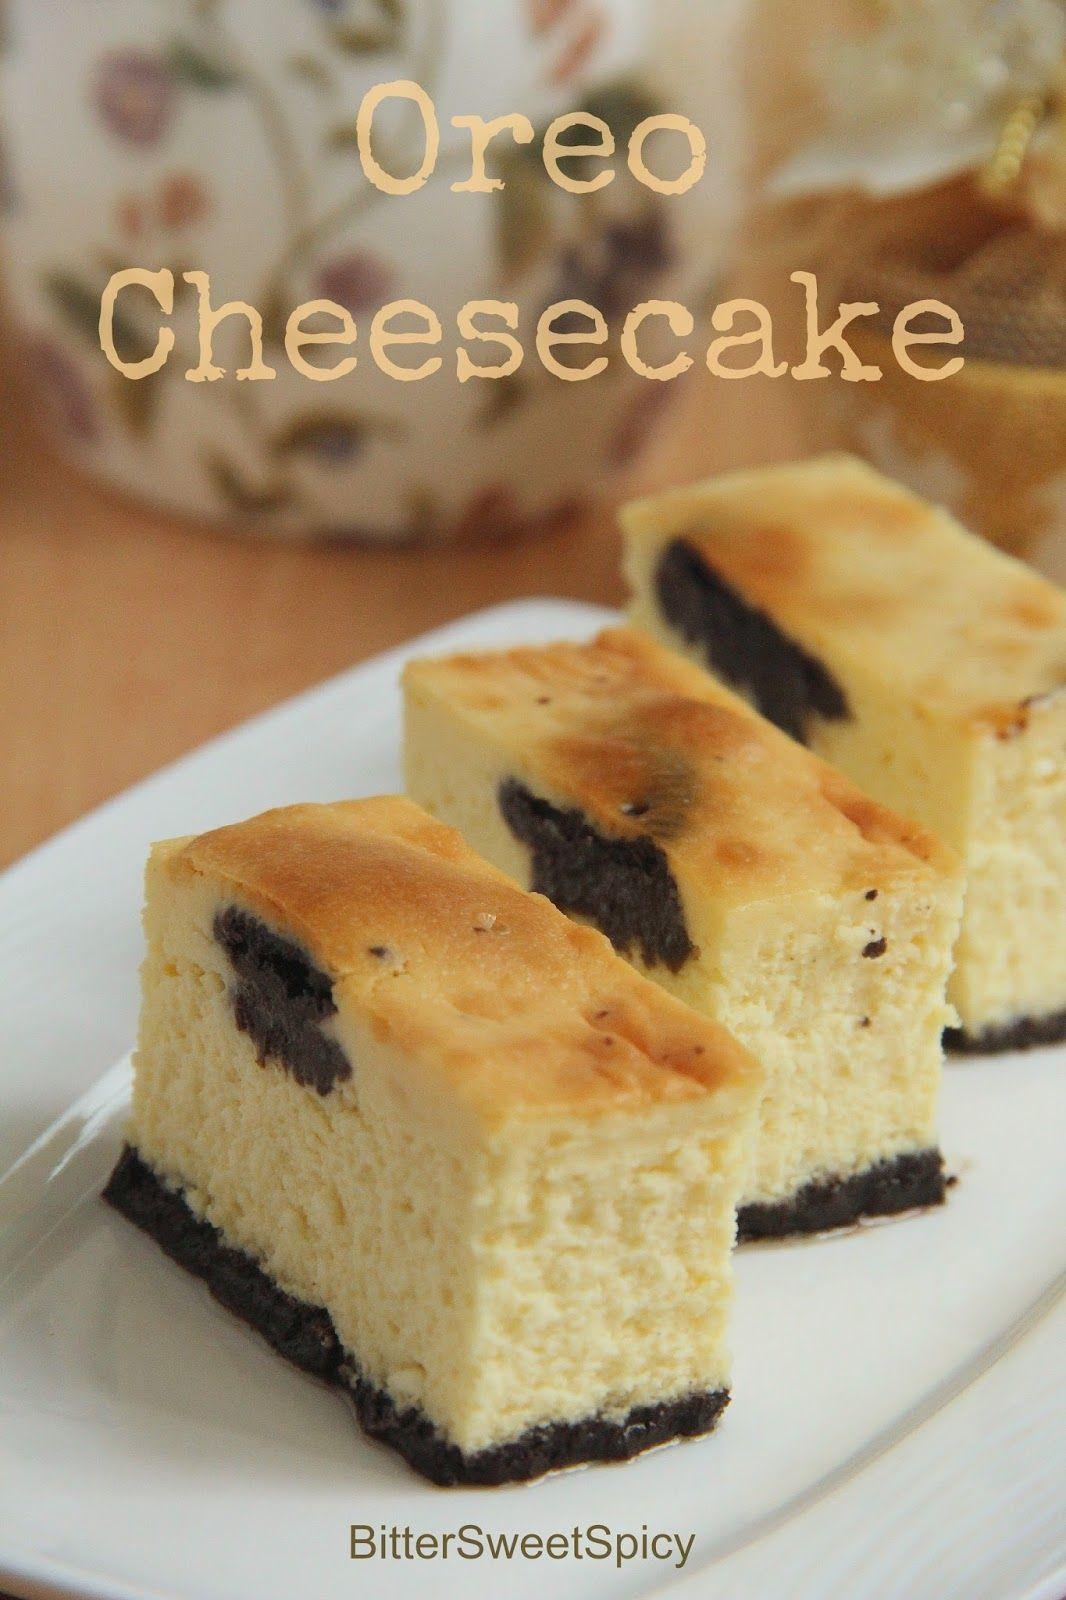 Oreo Cheesecake BitterSweetSpicy Cheesecake, Almond